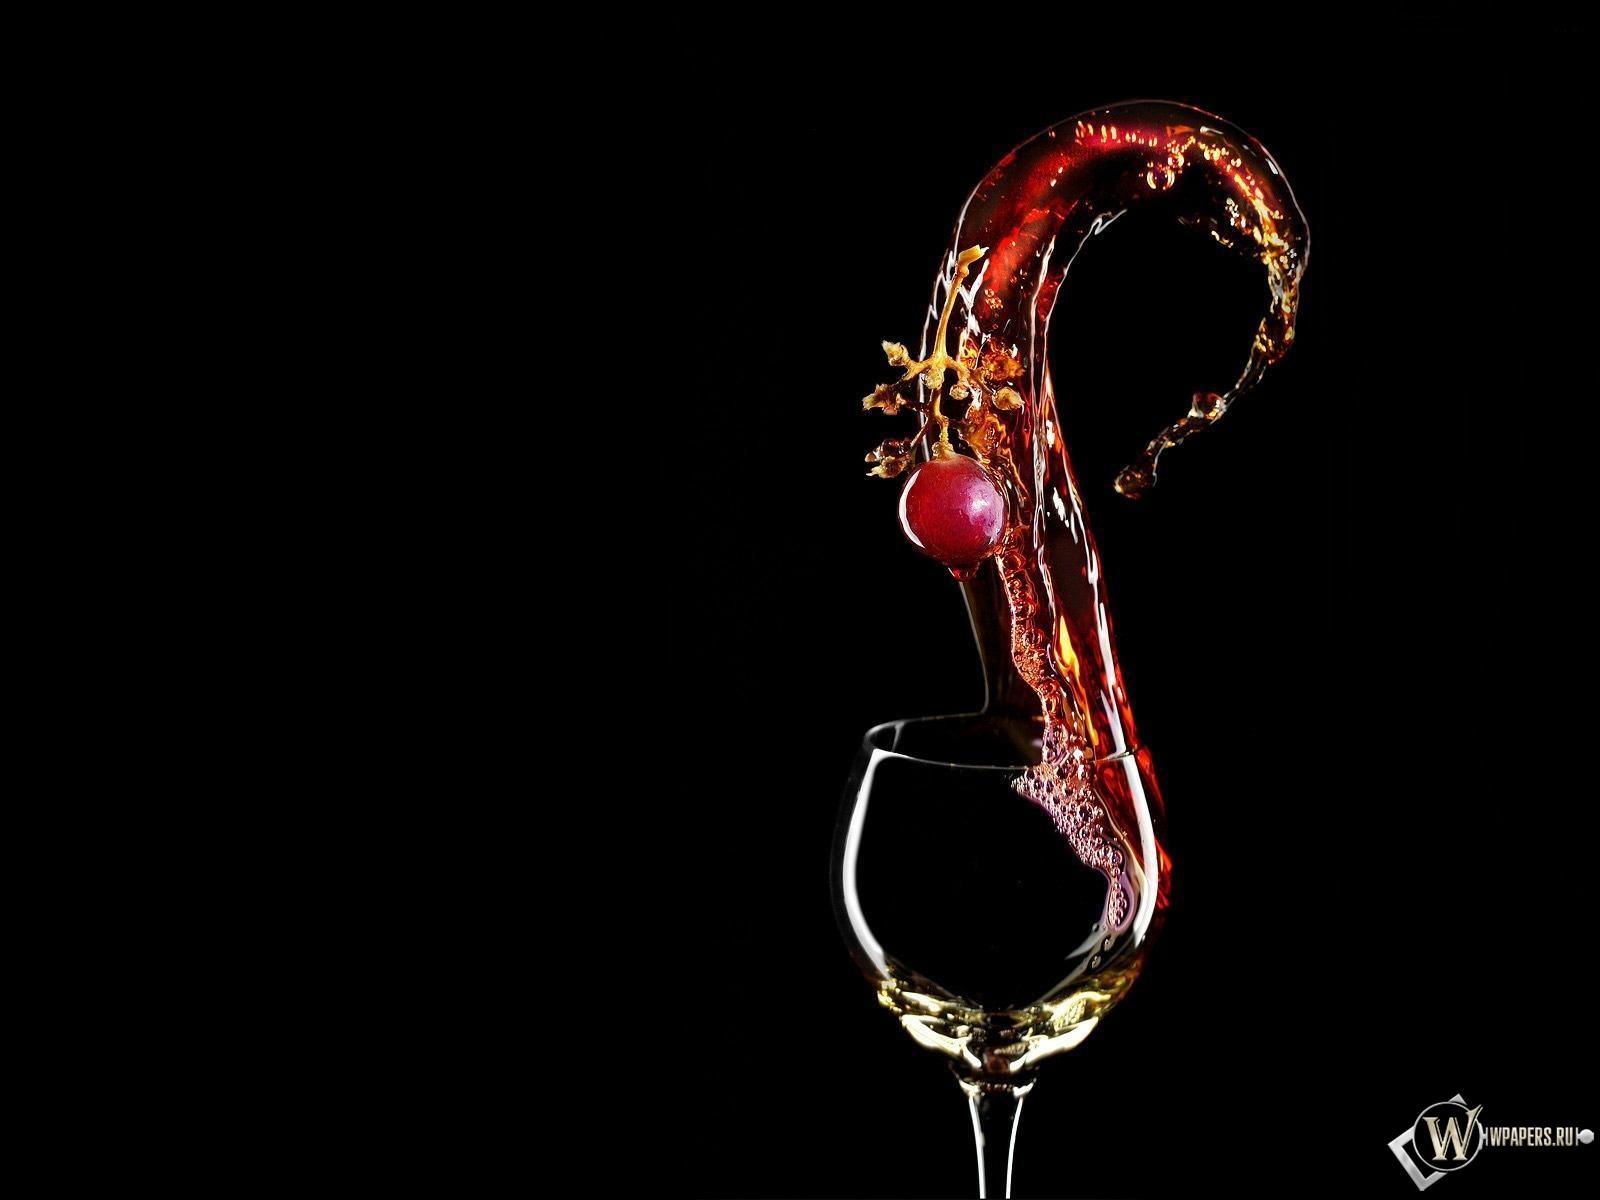 Бокал вина 1600x1200